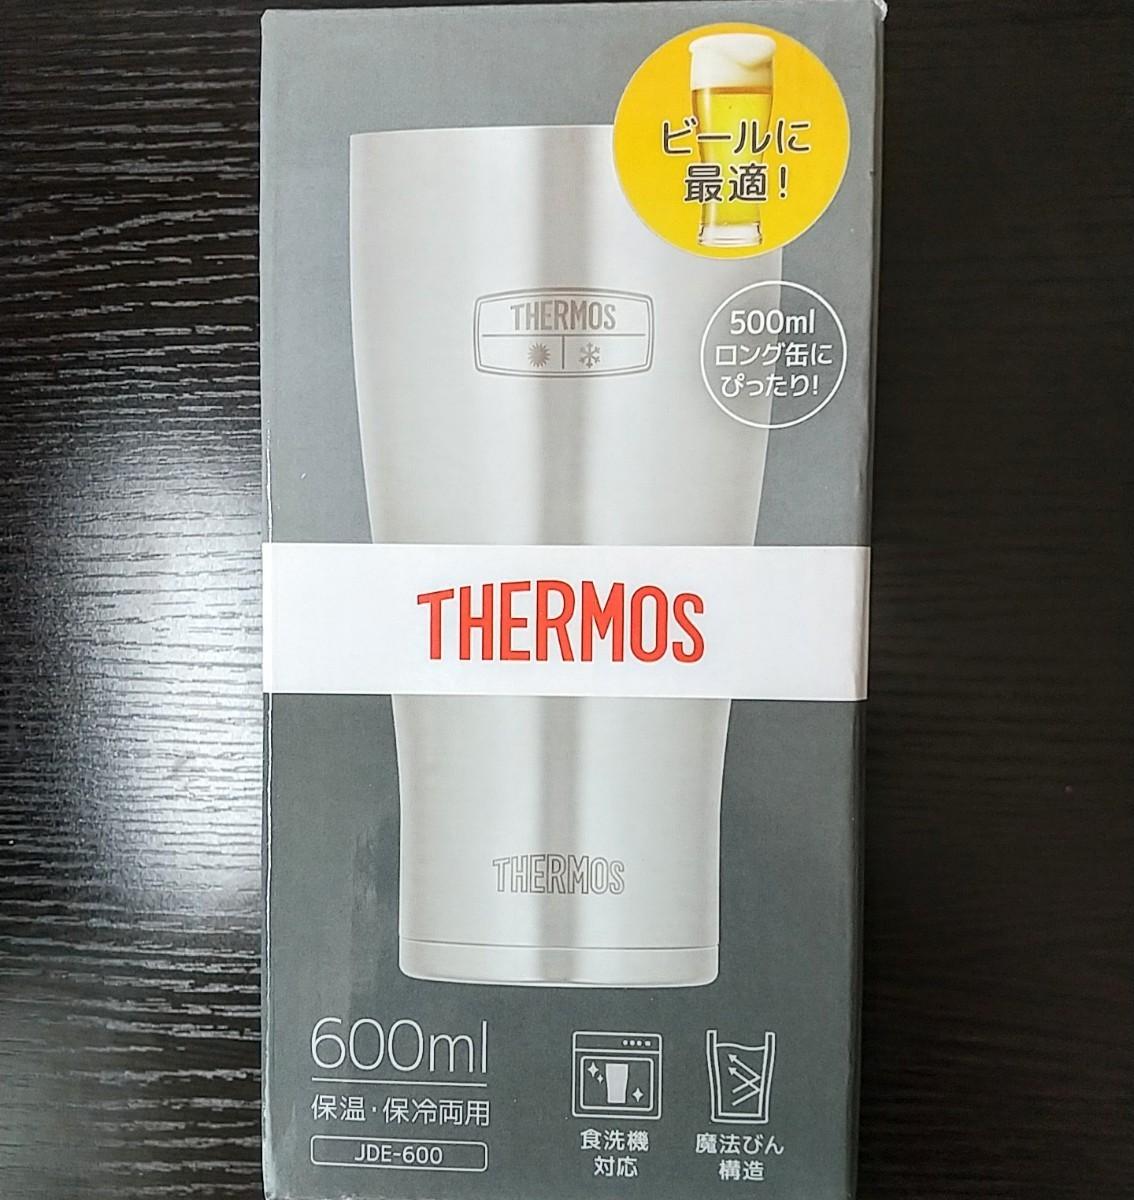 週末限定値下げ! 新品* サーモス 真空断熱タンブラー THERMOS 保温保冷両用600ml6個